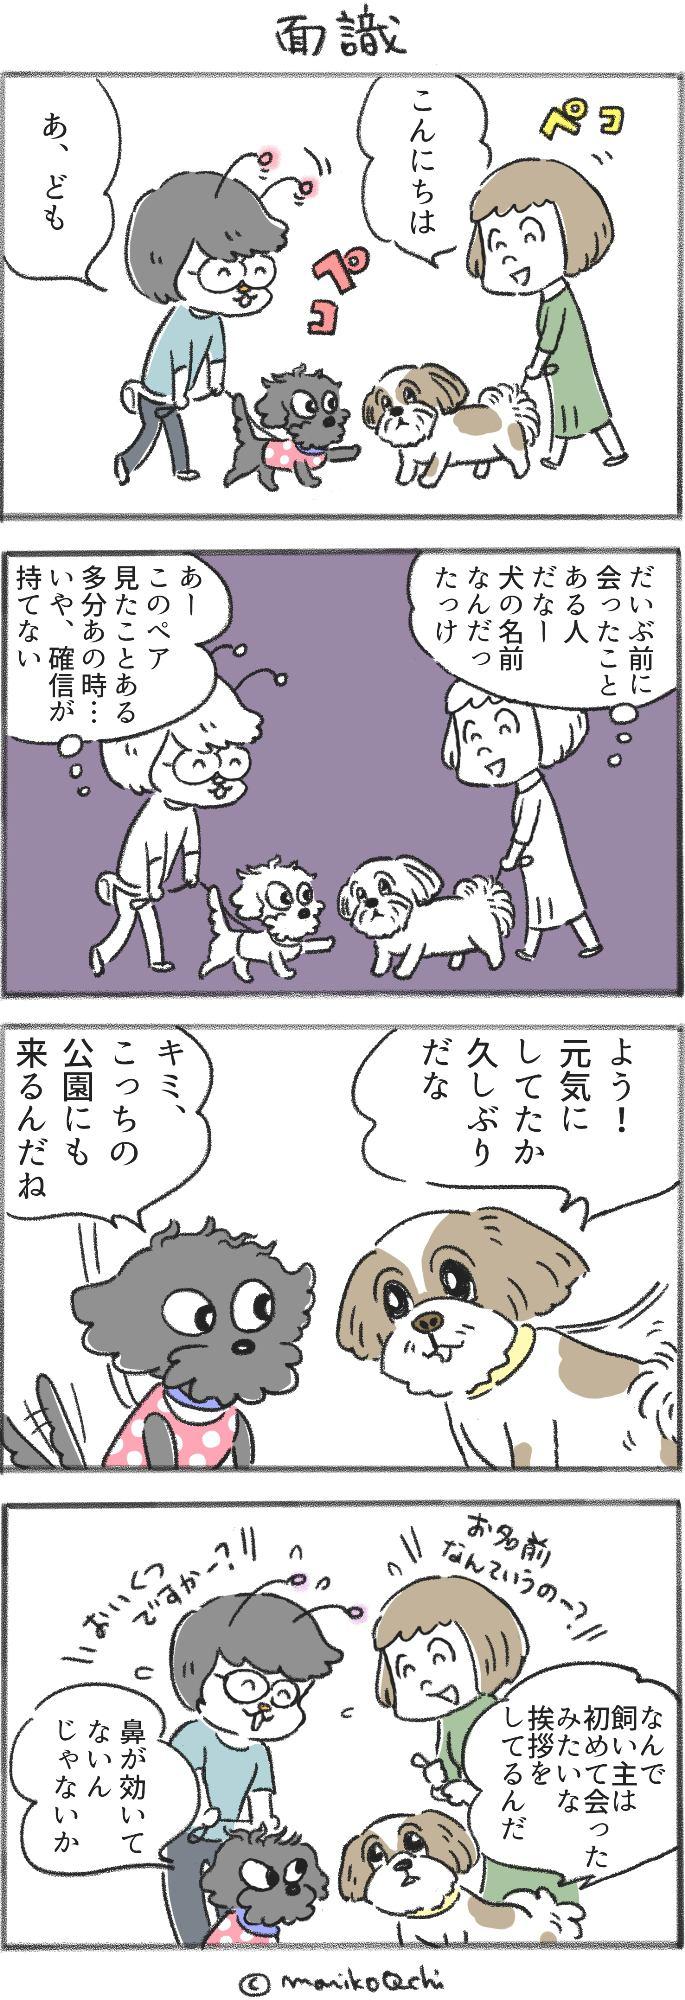 犬と暮らせば第16話